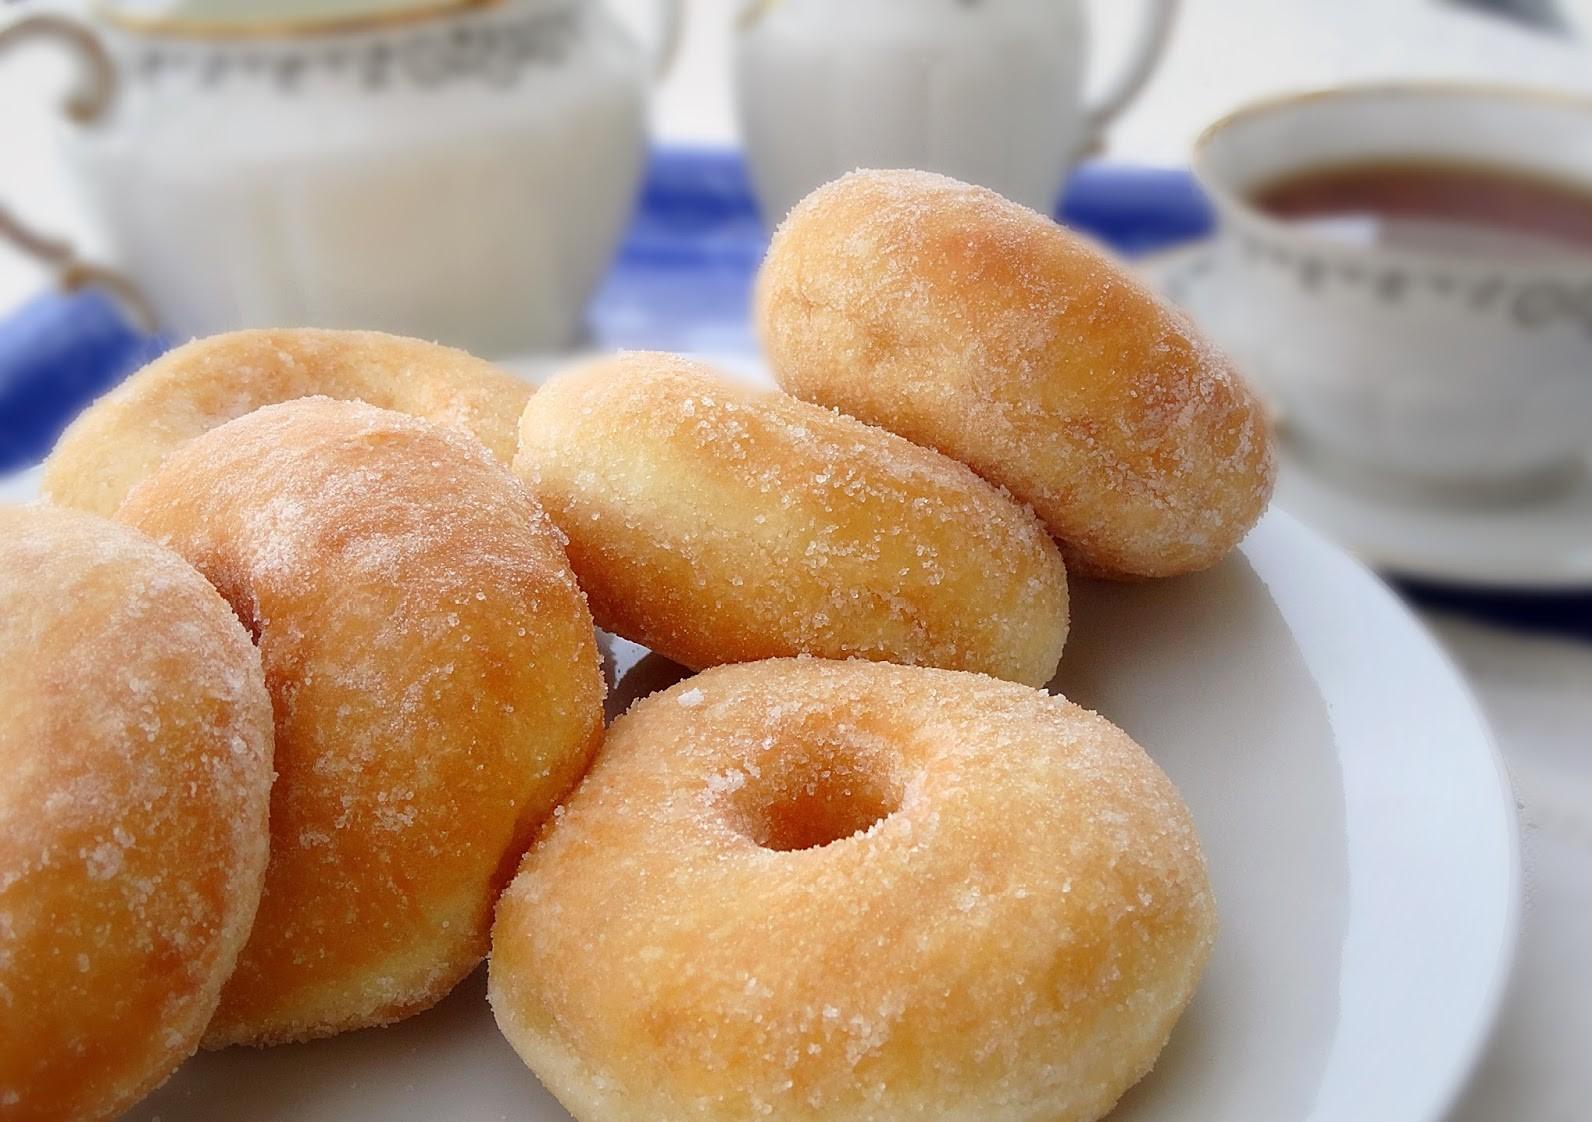 Donut Gebu dan Lembut - Daily Makan